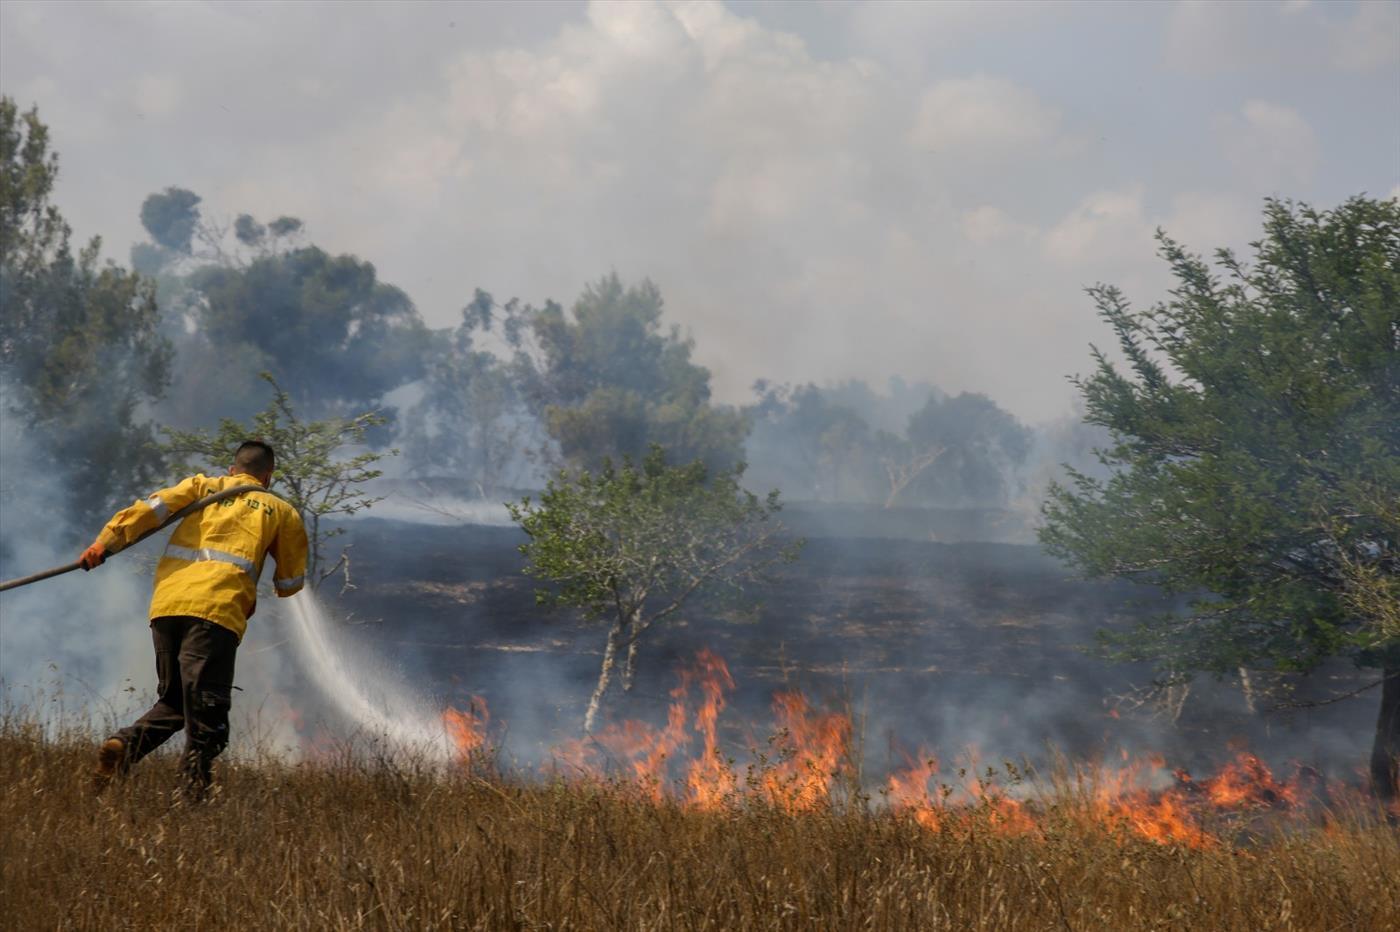 """יערן של קק""""ל נאבק בשריפה בדרום בקיץ האחרון. ארכיון  (צילום: עובדי קק""""ל)"""